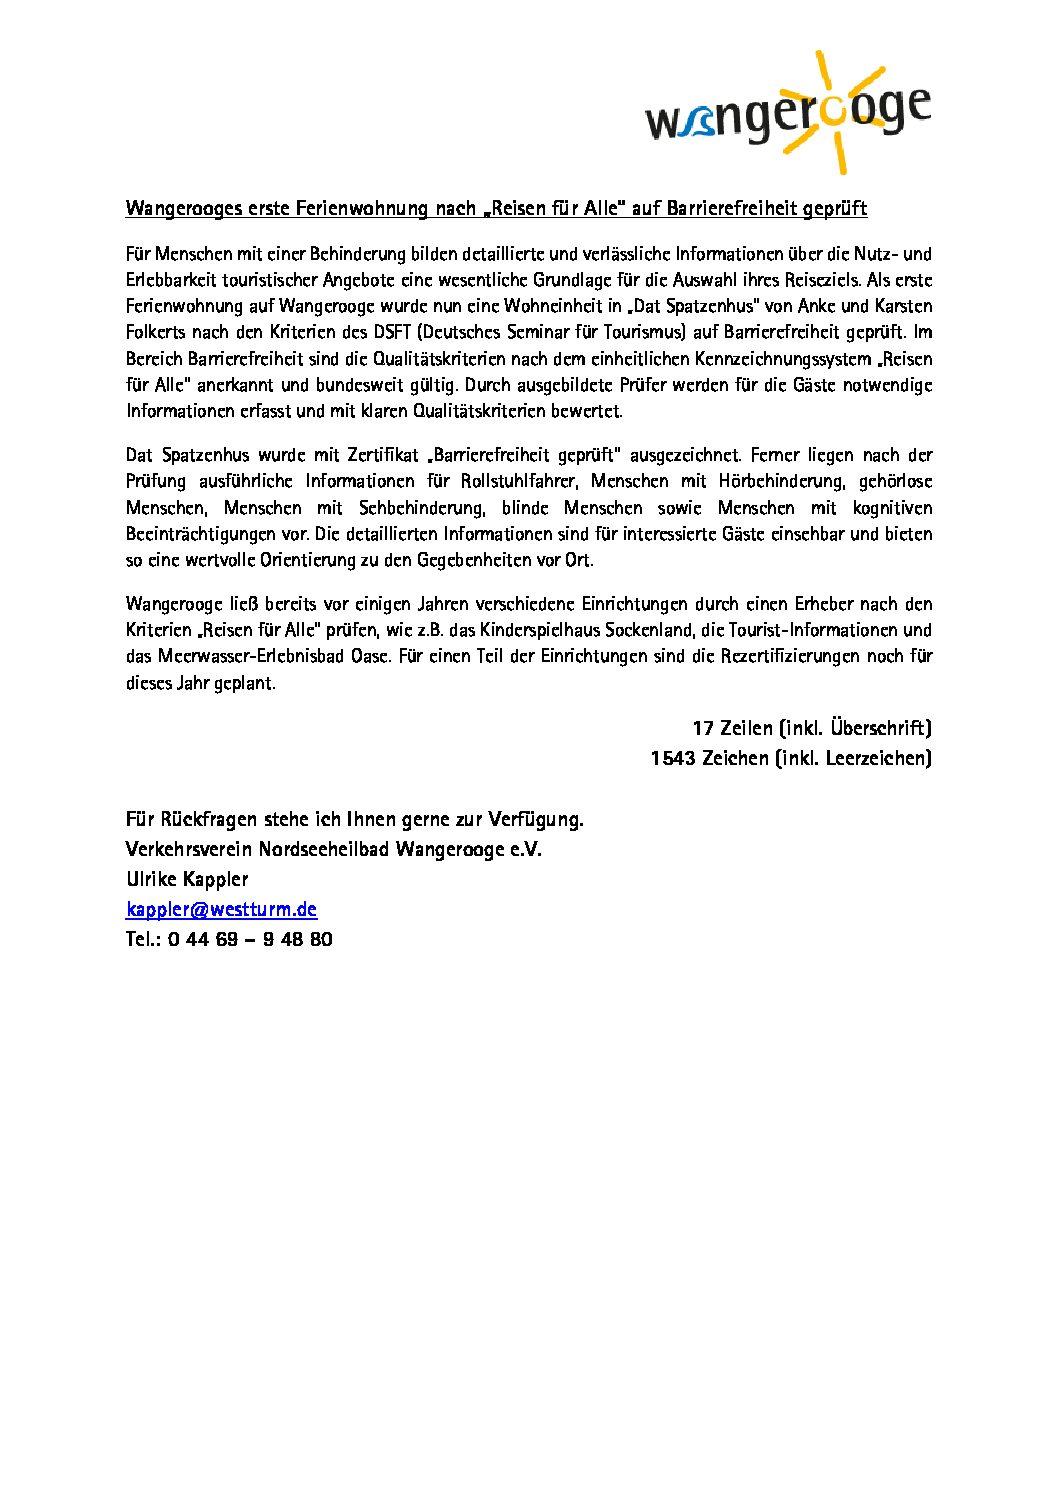 """Wangerooges erste Ferienwohnung nach """"Reisen für Alle"""" auf Barrierefreiheit geprüft"""